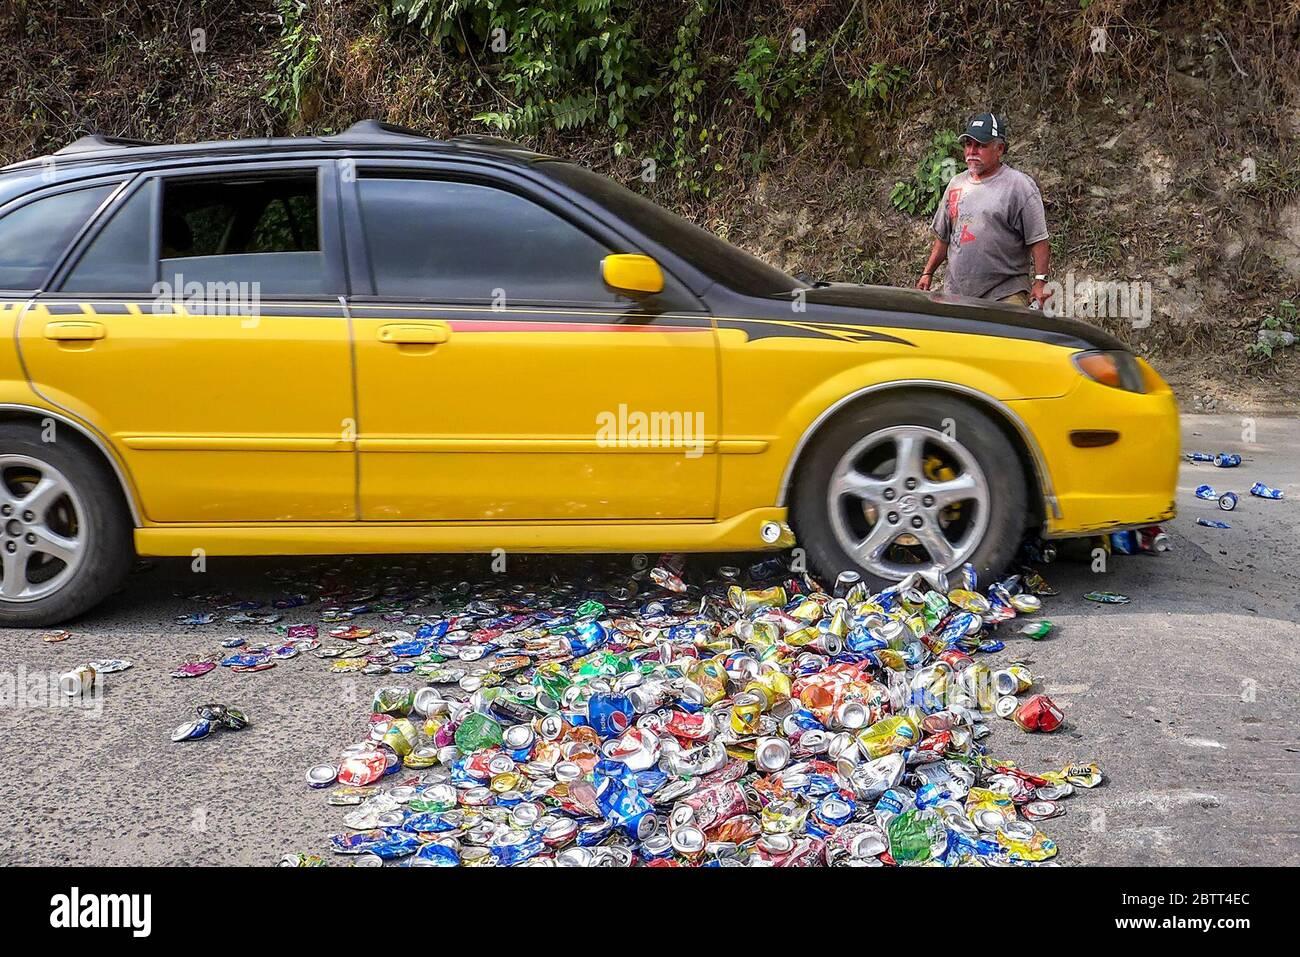 A San Andrés Semetabaj, un comune di Sololá, Guatemala, Alirio López, 63, mette lattine di soda su una strada in modo che le auto di passaggio li schiacciano. Alirio ricicla le lattine in utensili da cucina. (Brenda Leticia Saloj Chiyal, GPJ Guatemala) Foto Stock